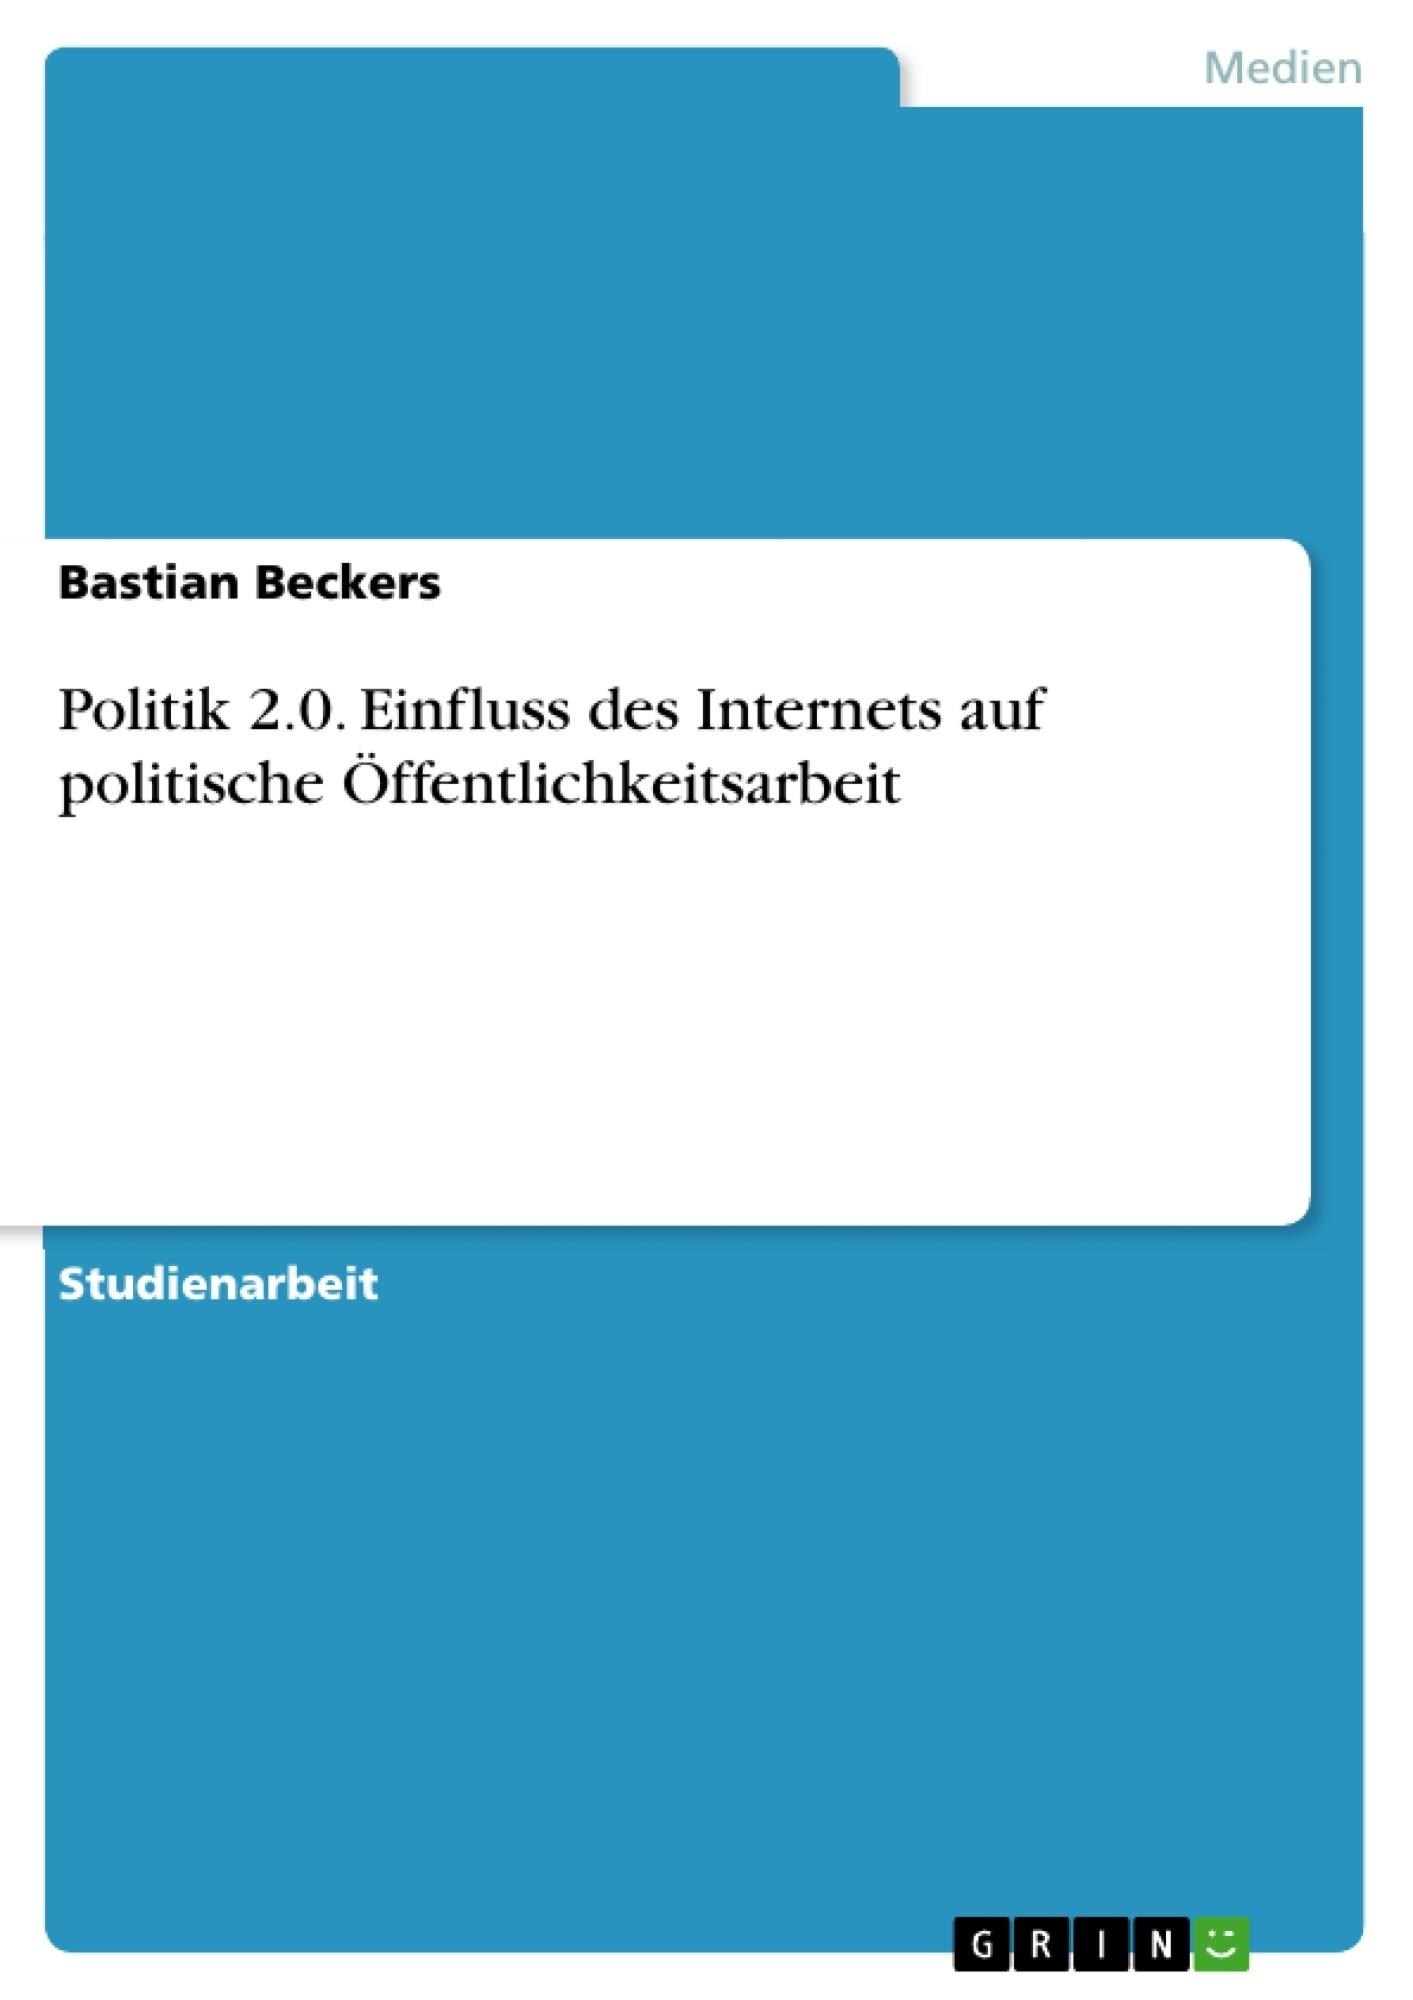 Titel: Politik 2.0. Einfluss des Internets auf politische Öffentlichkeitsarbeit